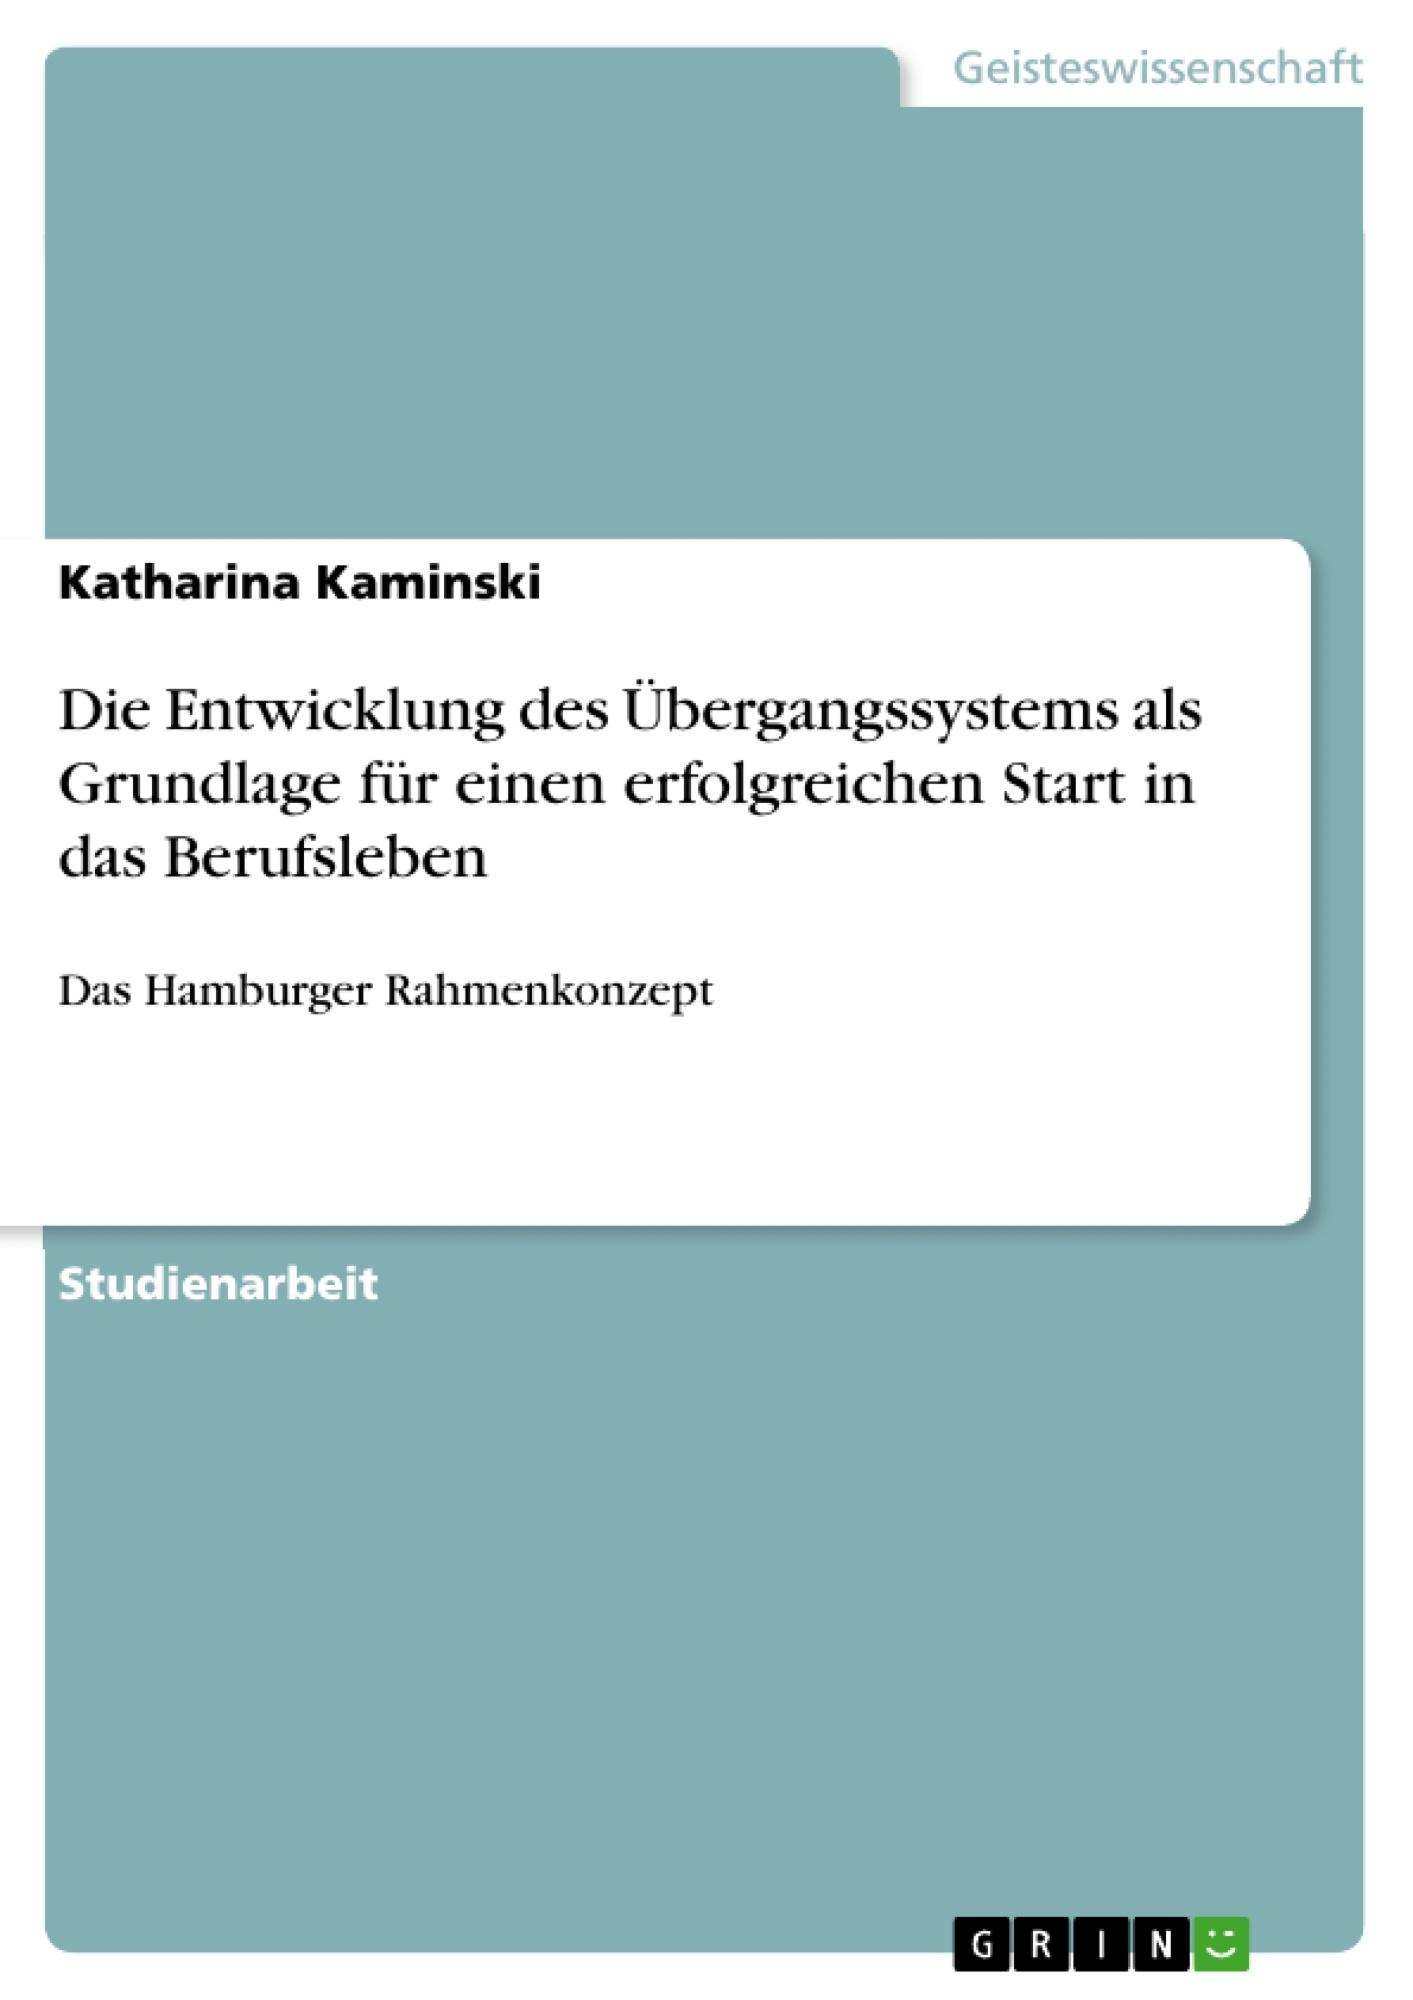 Titel: Die Entwicklung des Übergangssystems als Grundlage für einen erfolgreichen Start in das Berufsleben